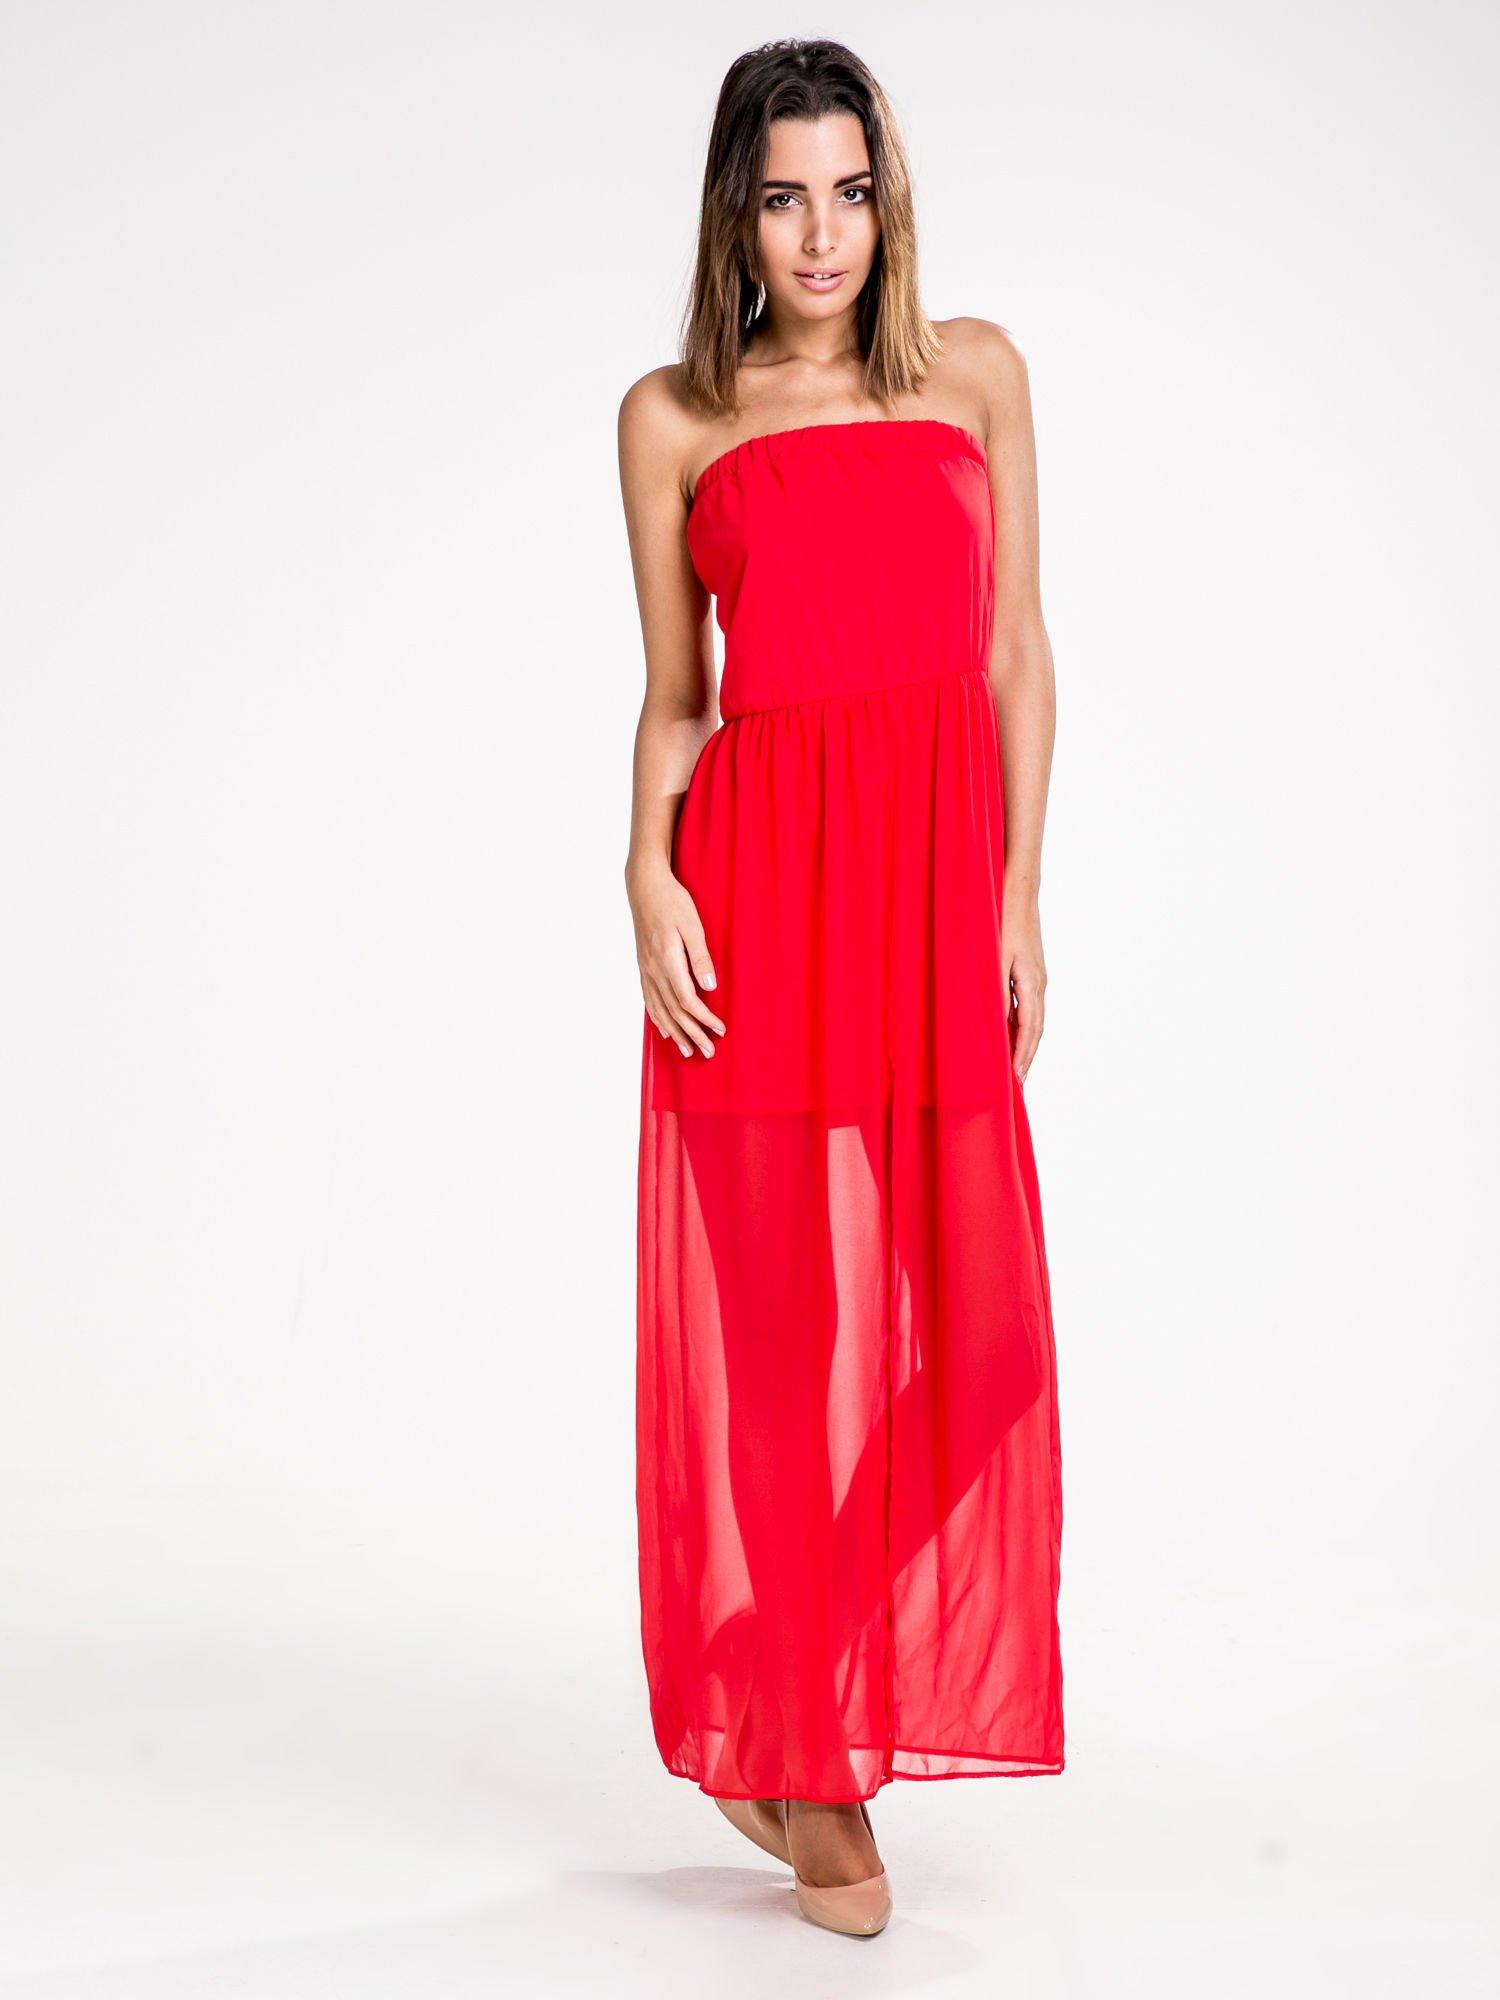 STRADIVARIUS Czerwona sukienka maxi z dekoltem gorsetowym                                  zdj.                                  1